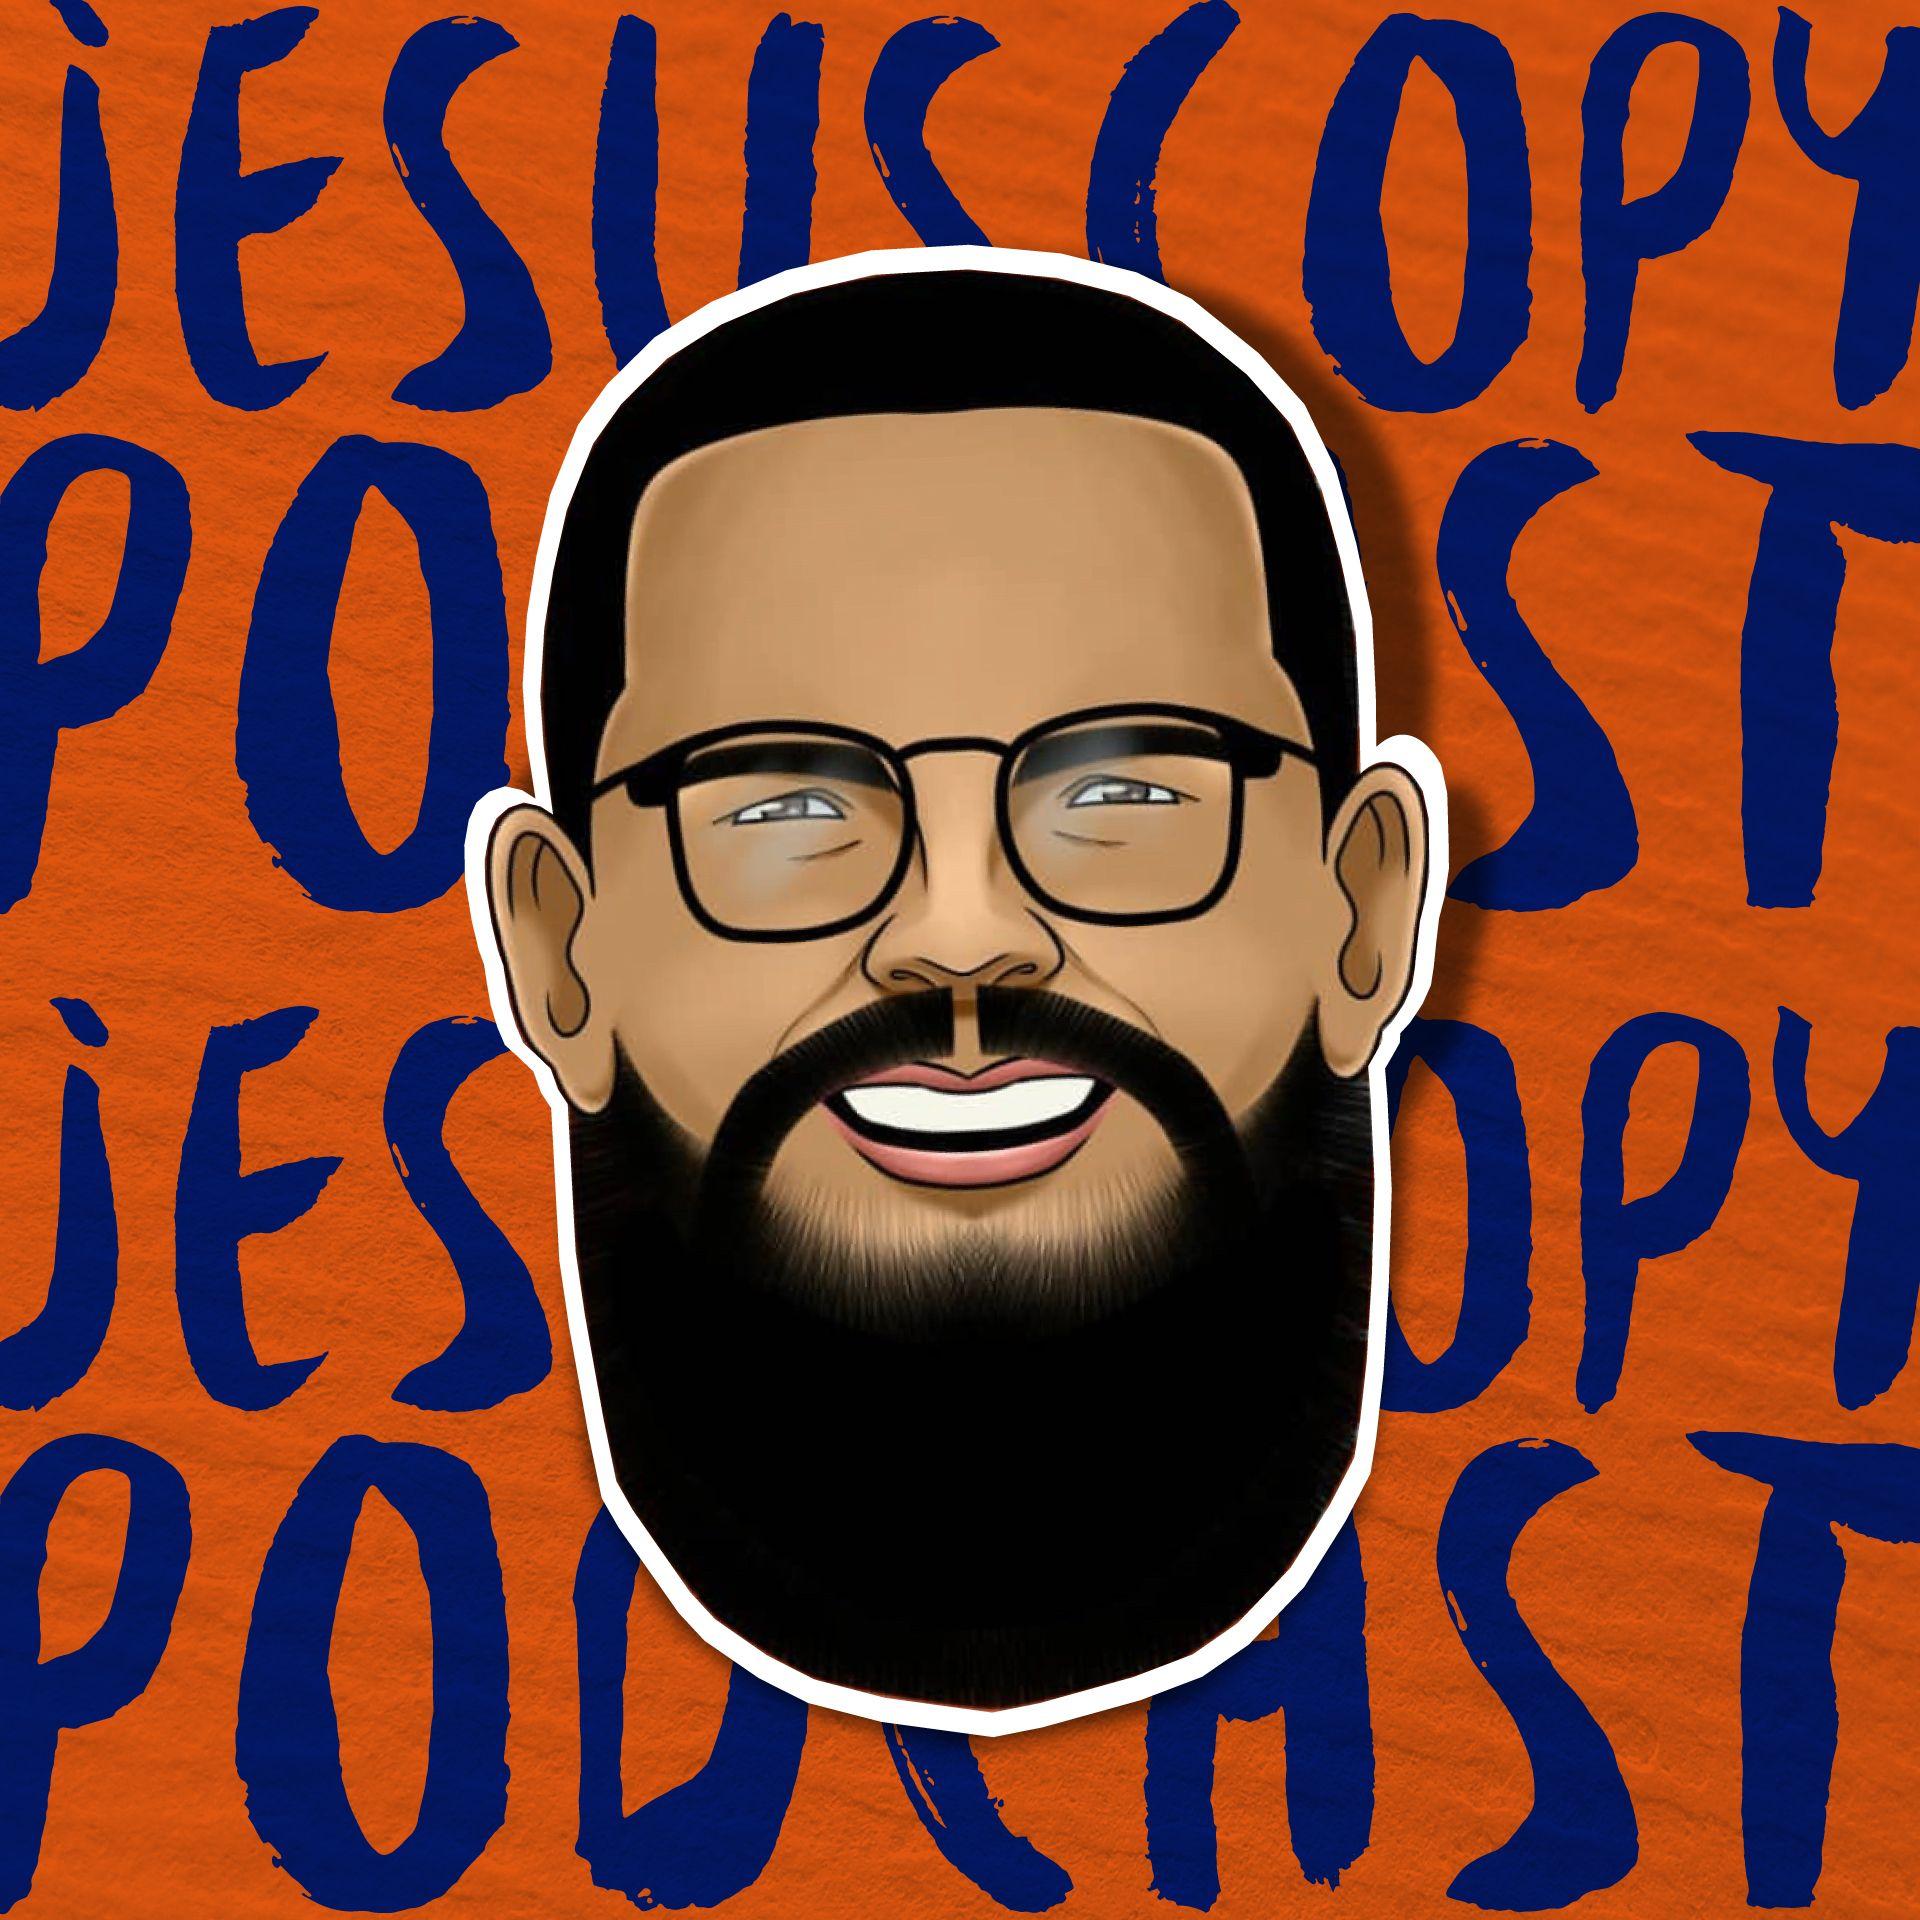 FELIPE SALVAON - JesusCopy Podcast #51